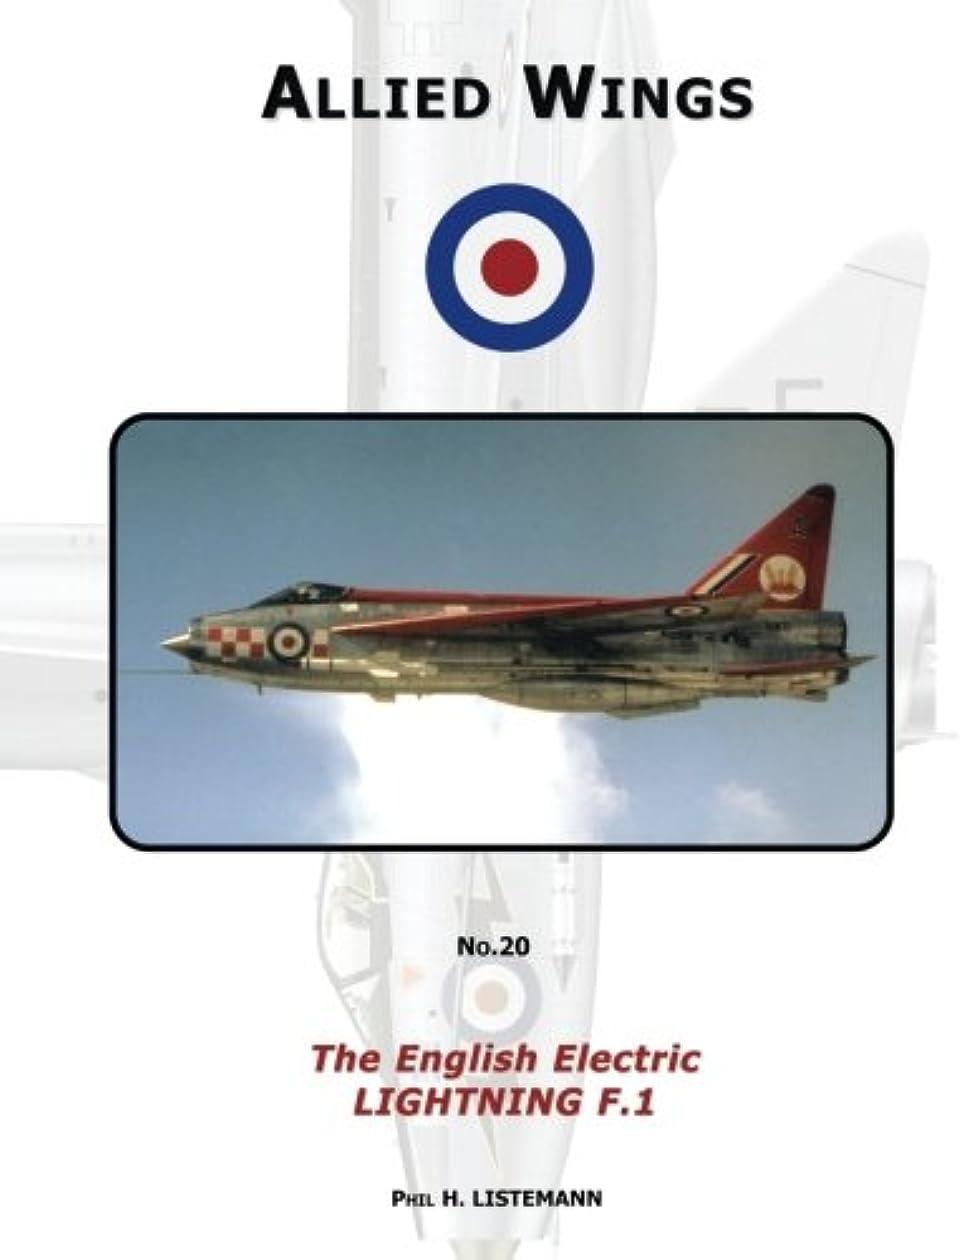 残忍なイブニング移行するThe English Electric Lightning F.1 (Allied Wings)